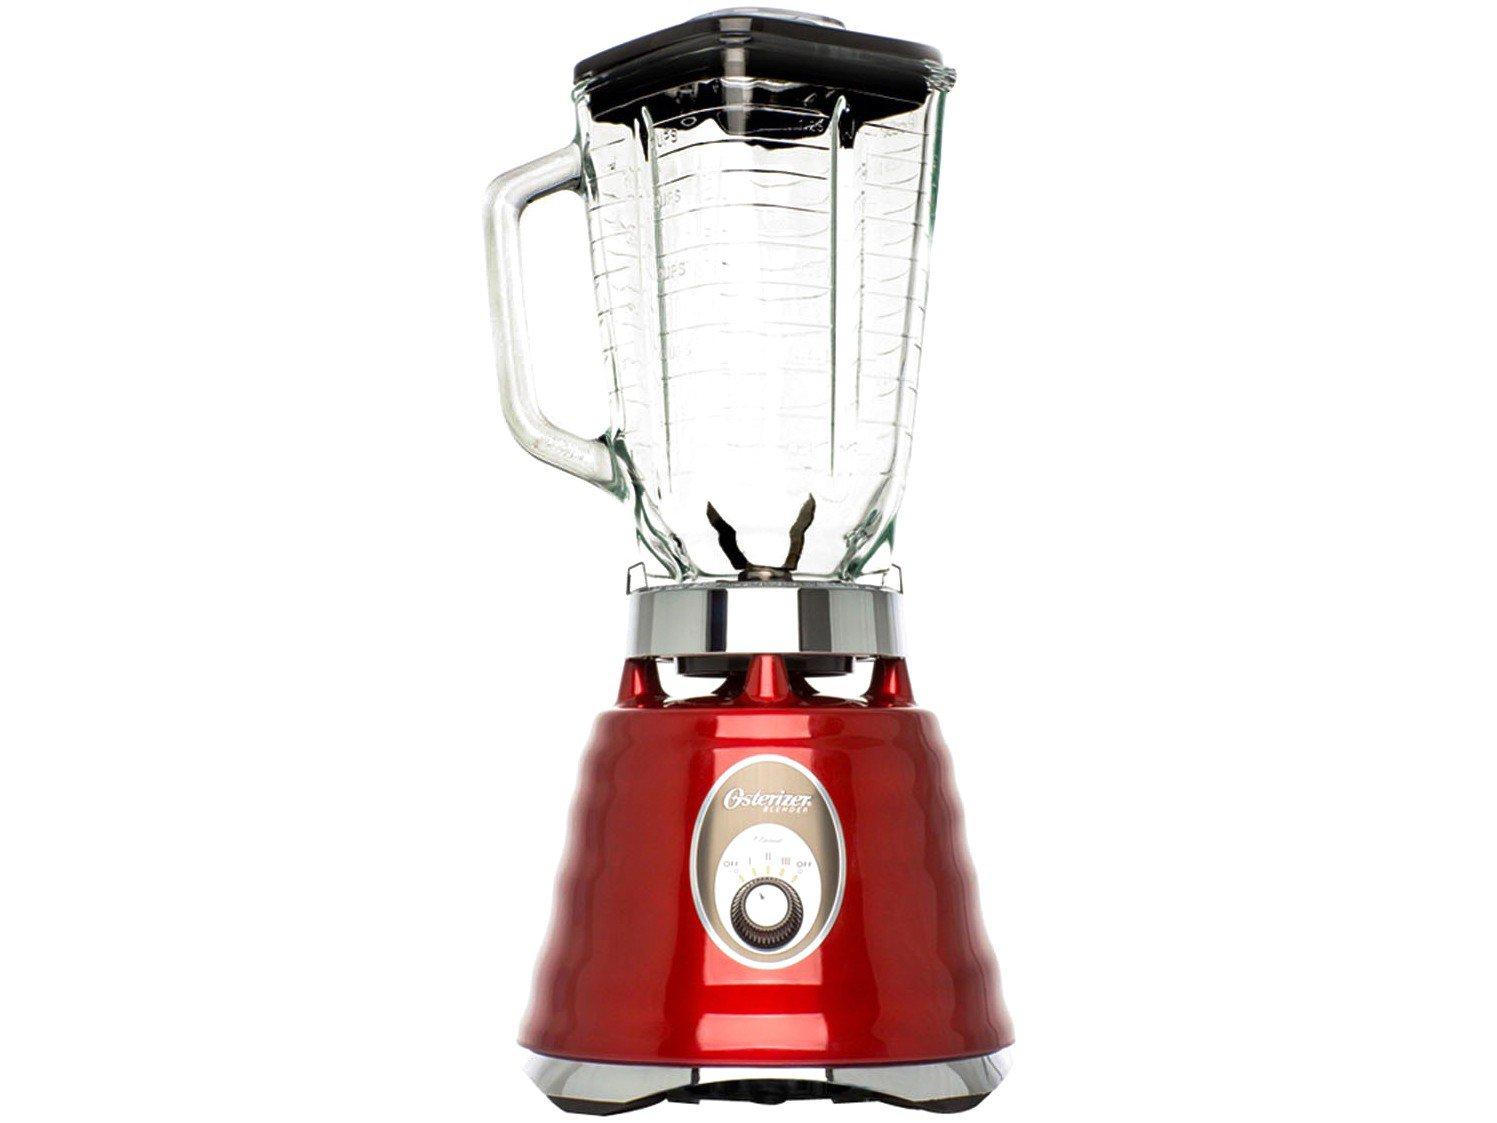 Liquidificador Oster Classic 4126 600W – Vermelho - 110V